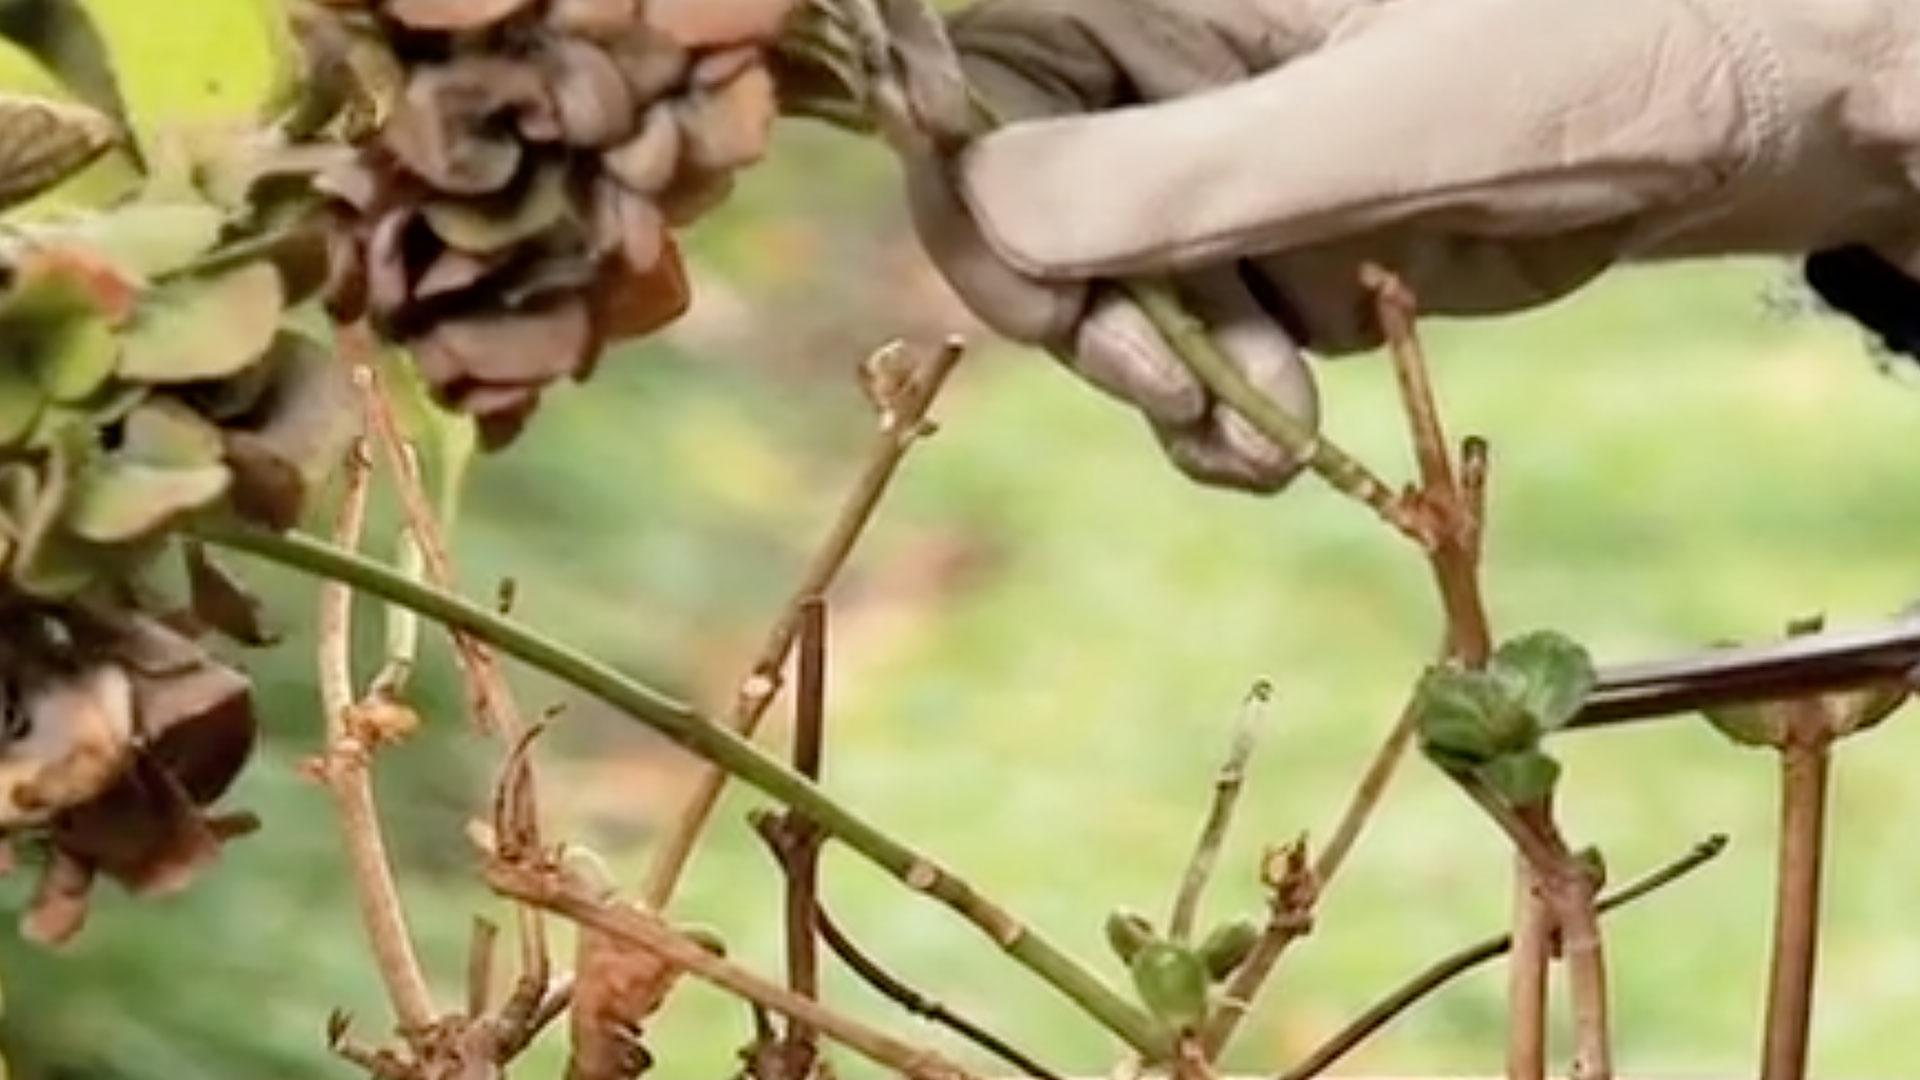 En invierno es el momento de podar, ya que la mayoría de los árboles y arbustos están en reposo vegetativo, y como algunos están sin hojas, podemos ver exactamente qué ramas cortar sin afectar su desarrollo.